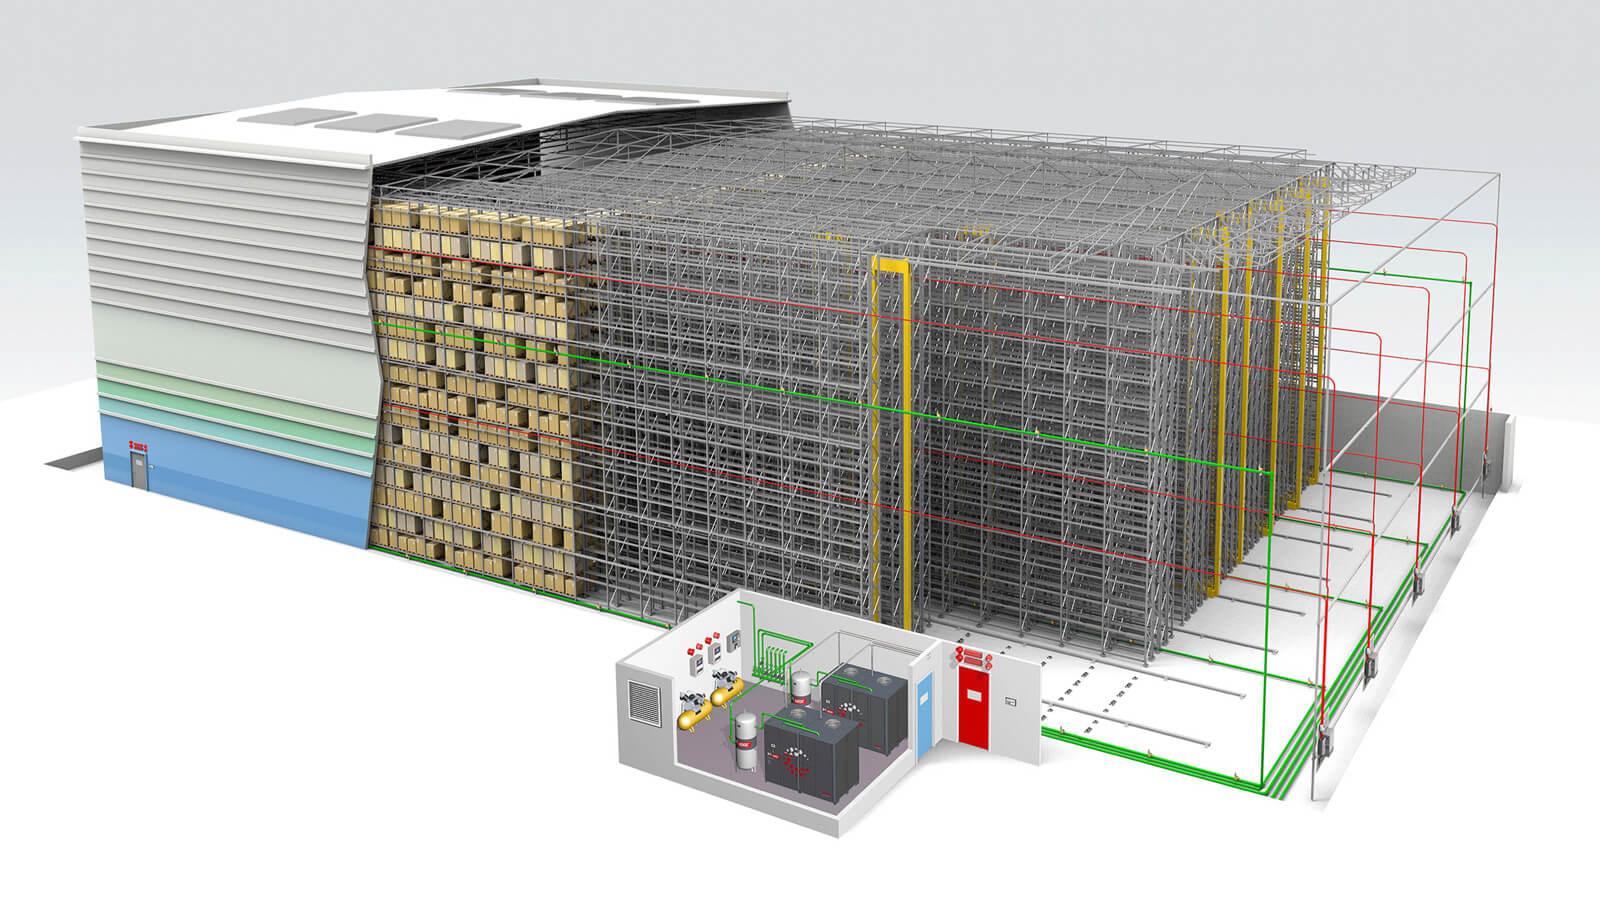 N2ORS Brandvermeidungsanlage